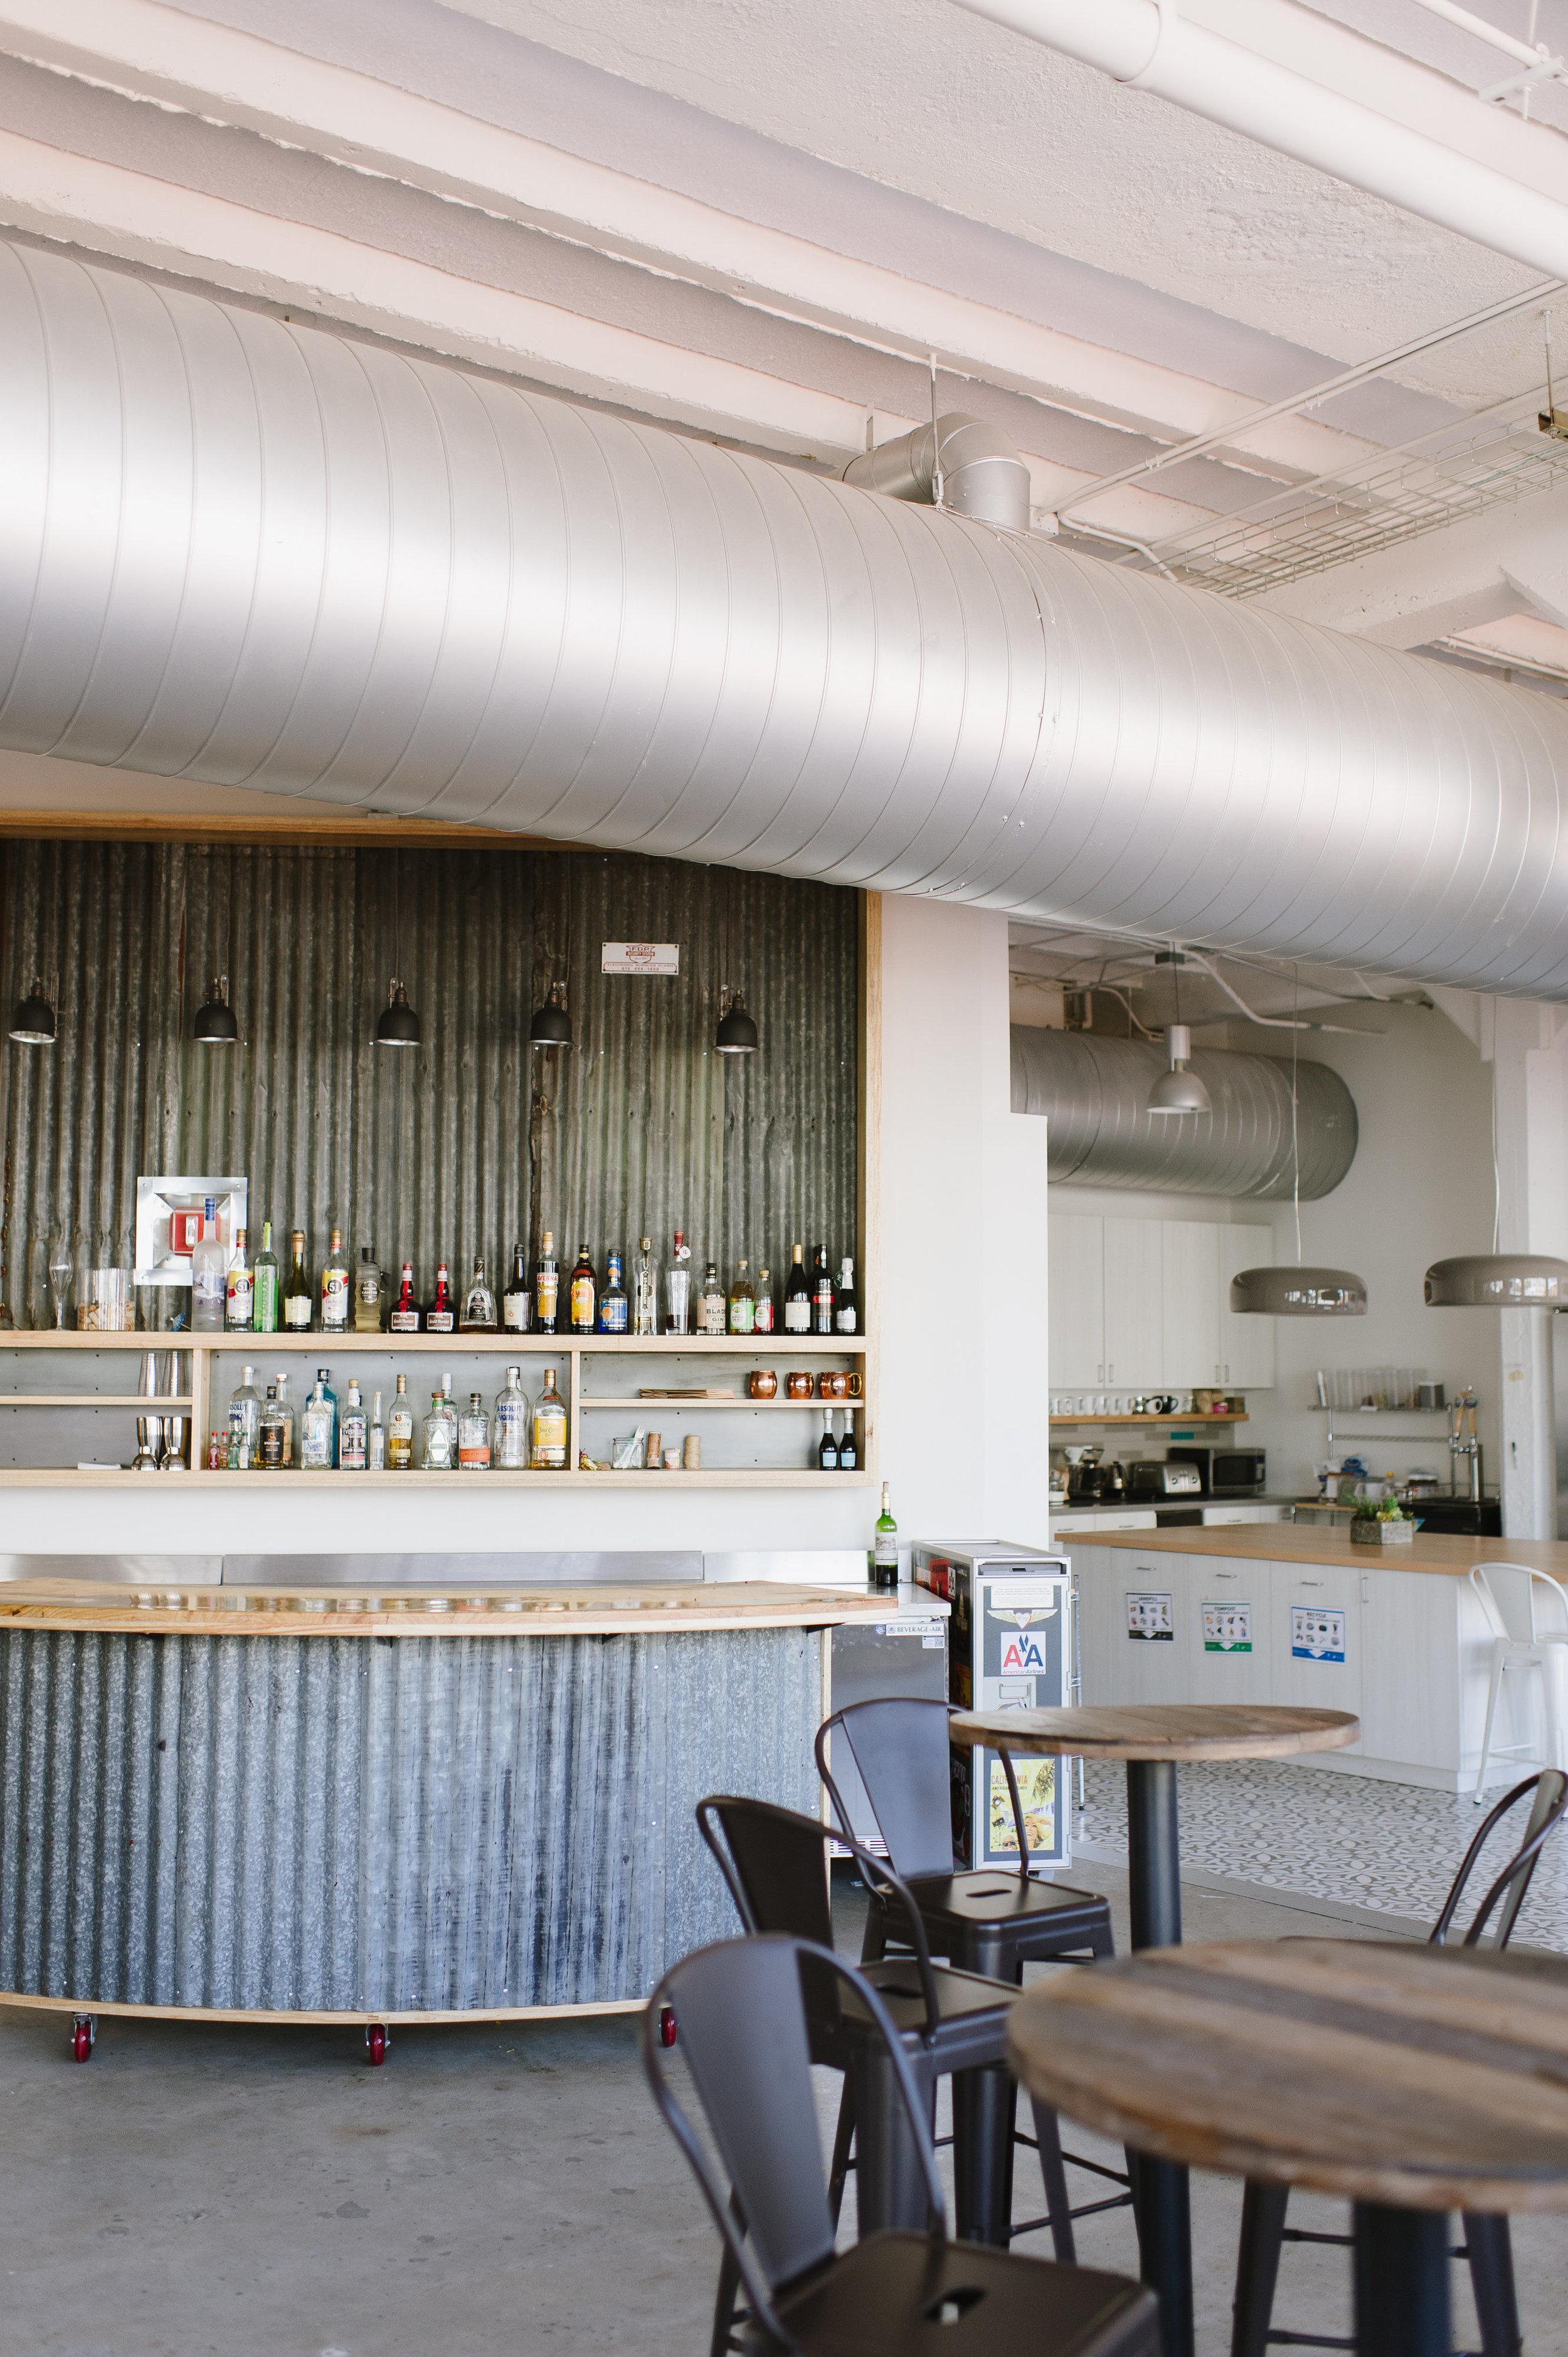 HB bar kitchen crop.jpg